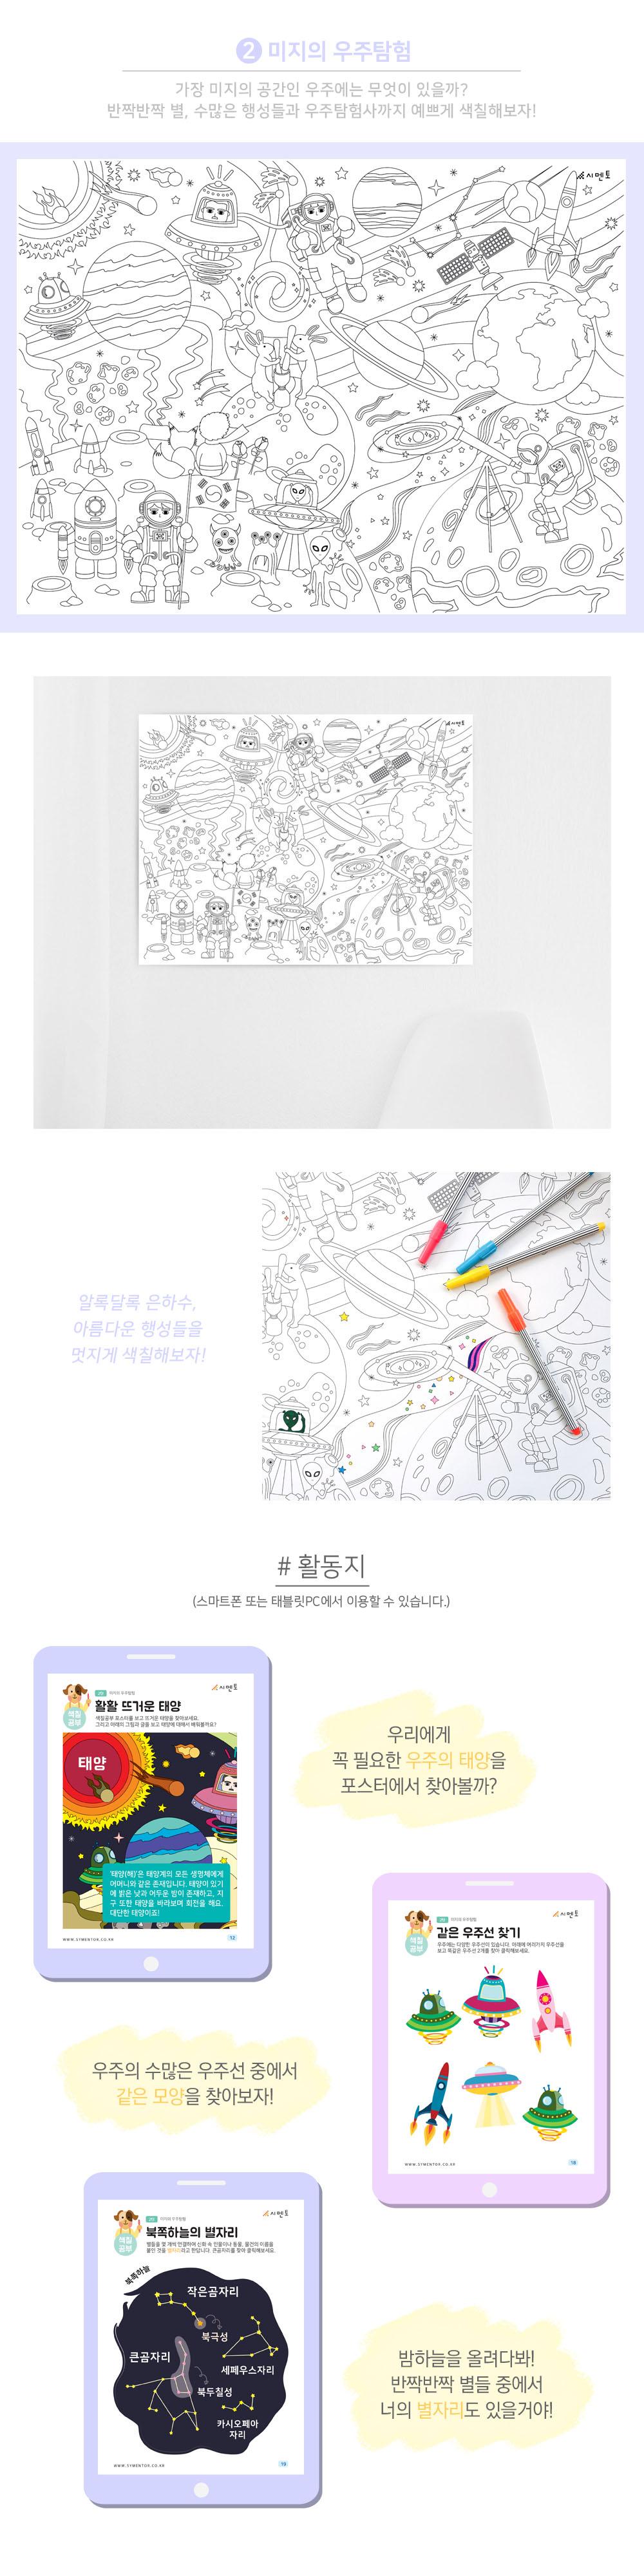 시멘토 색칠공부 포스터 상세페이지 03.jpg